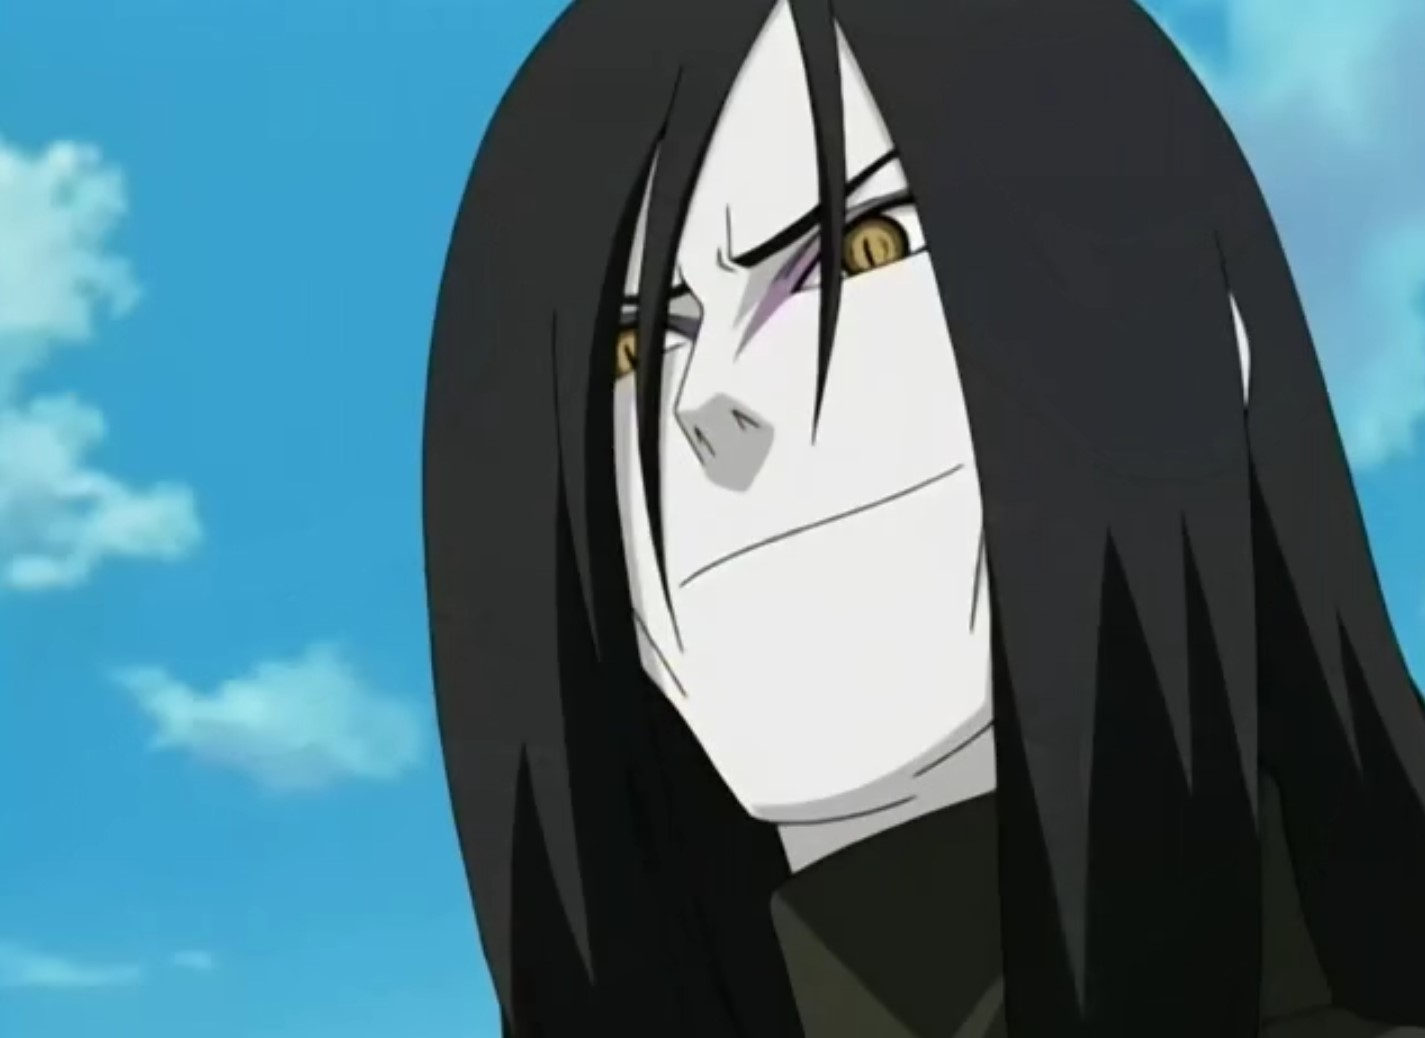 Naruto Shippuden Episódio 44, Assistir Naruto Shippuden Episódio 44, Assistir Naruto Shippuden Todos os Episódios Legendado, Naruto Shippuden episódio 44,HD